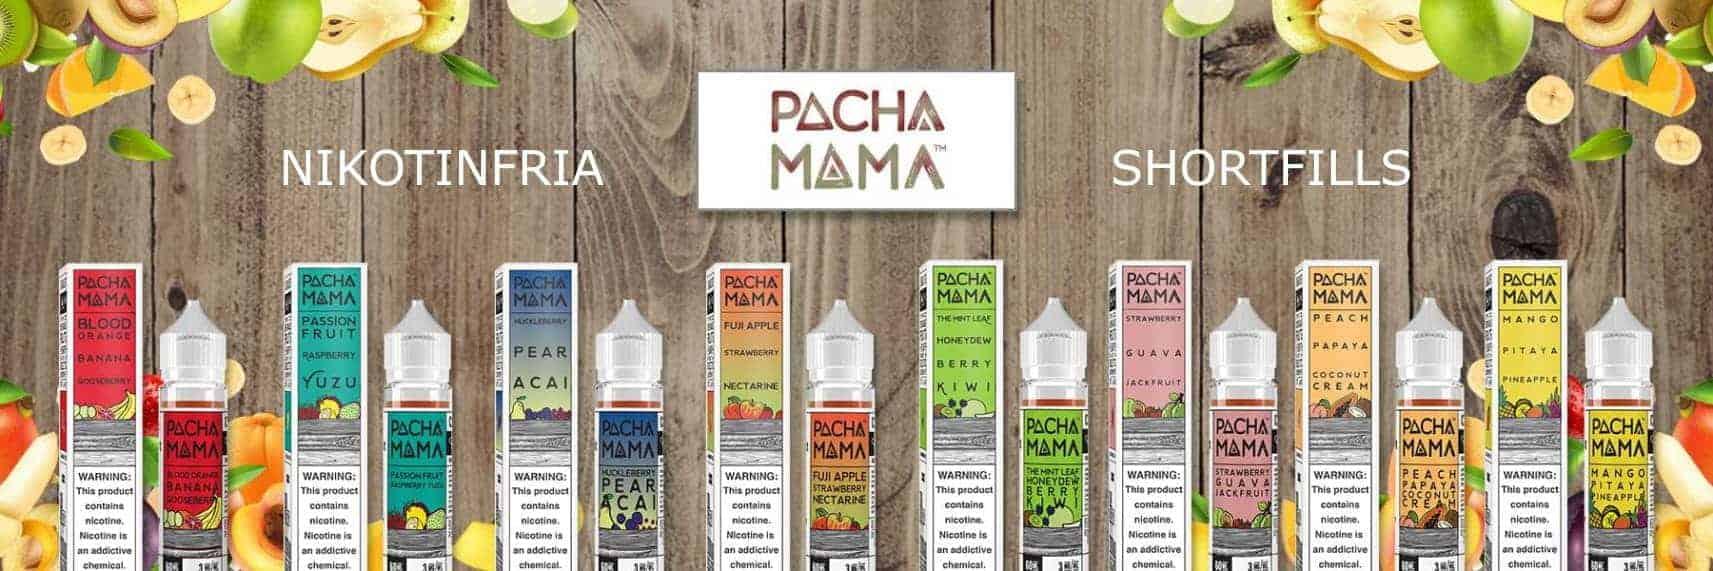 Pachamama Slide